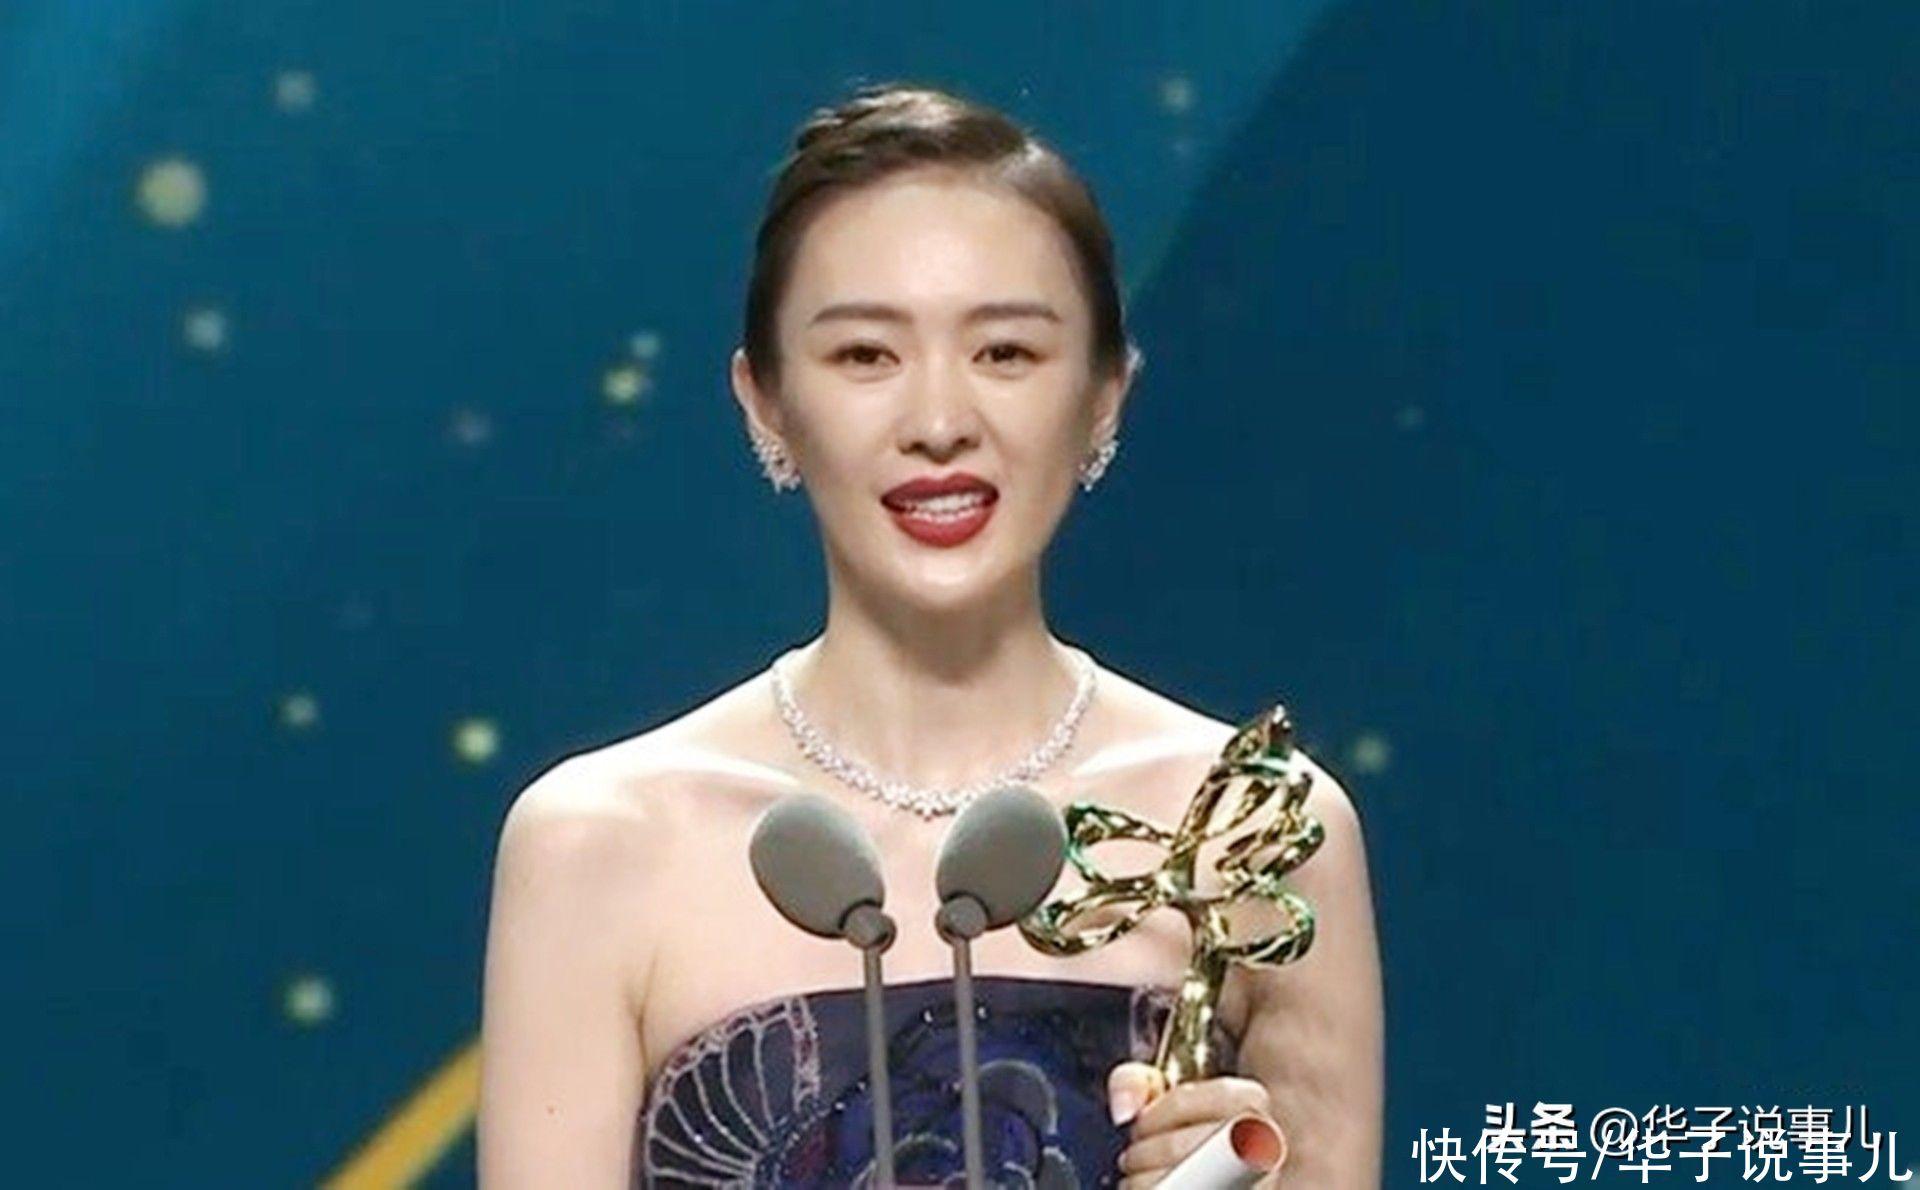 童瑤連續三年獲得三個電視劇大獎,距離大滿貫隻差一個飛天獎